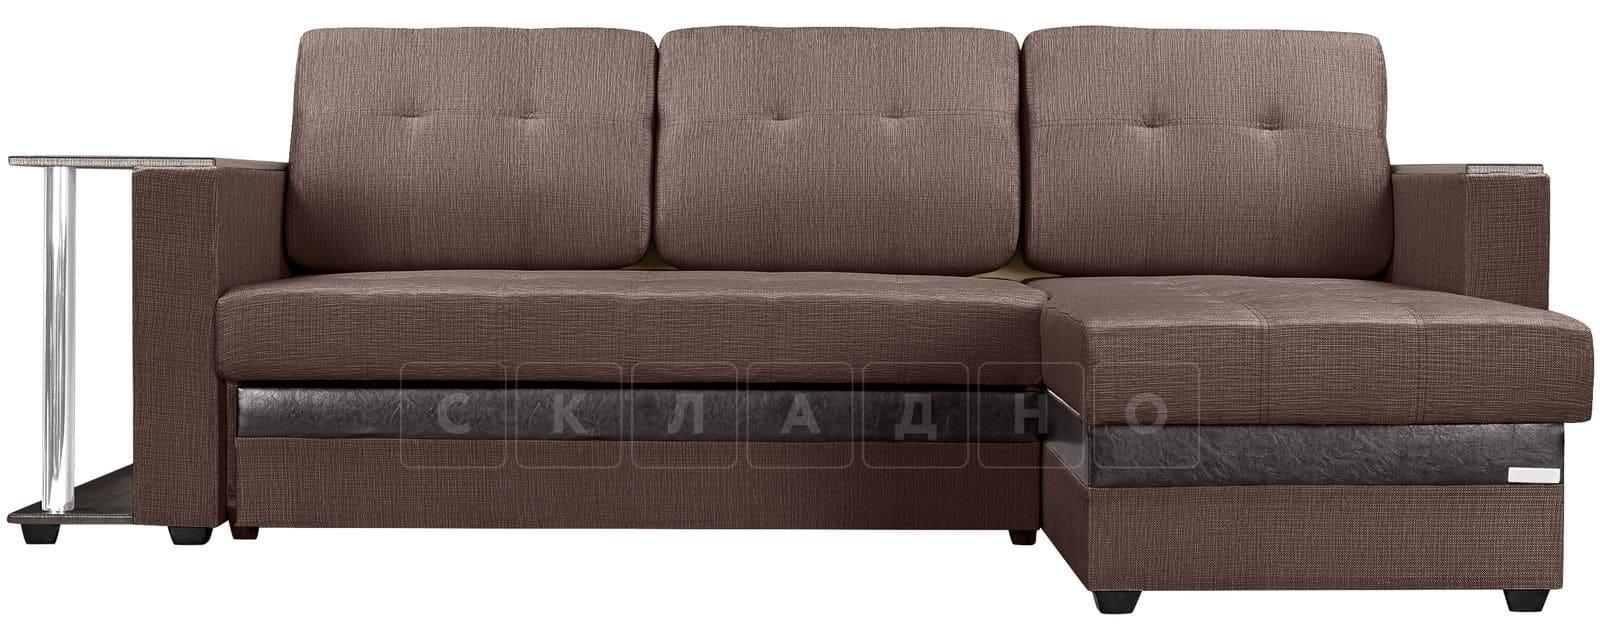 Угловой диван Атланта рогожка коричневого цвета фото 2 | интернет-магазин Складно